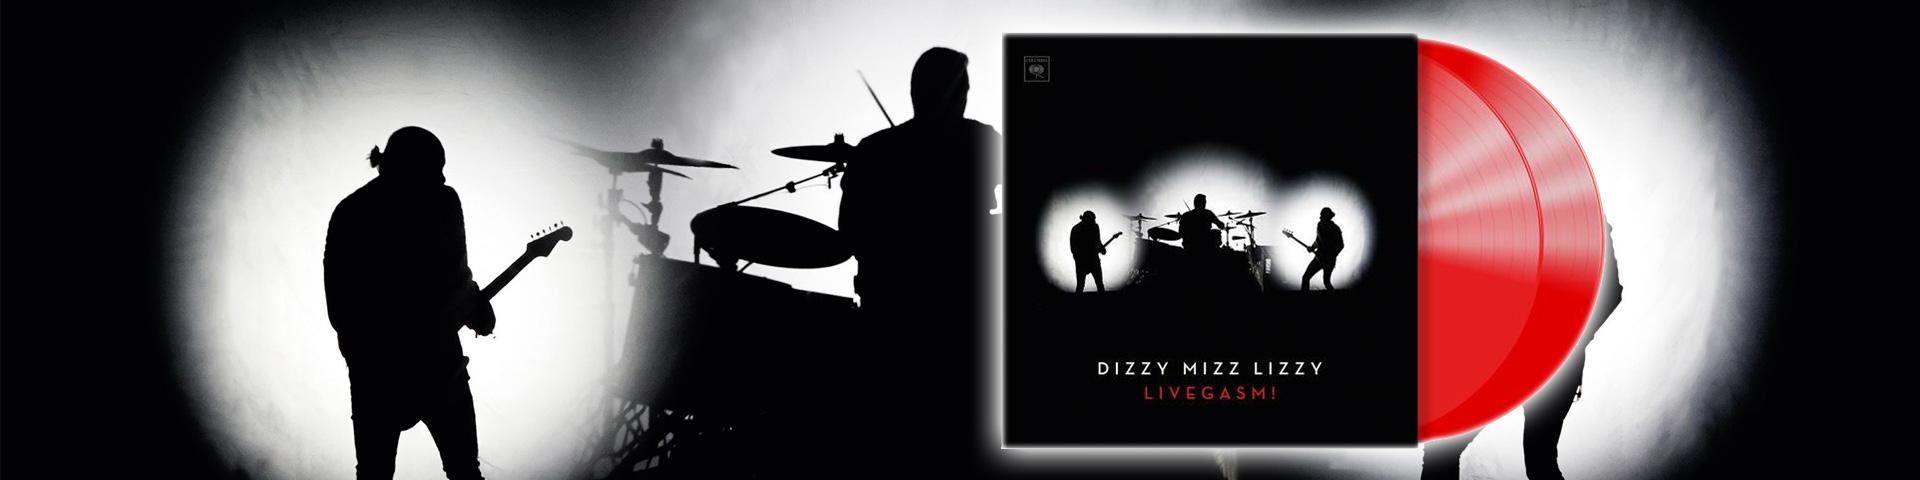 Dizzy Mizz Lizzy - Livegasm 2017